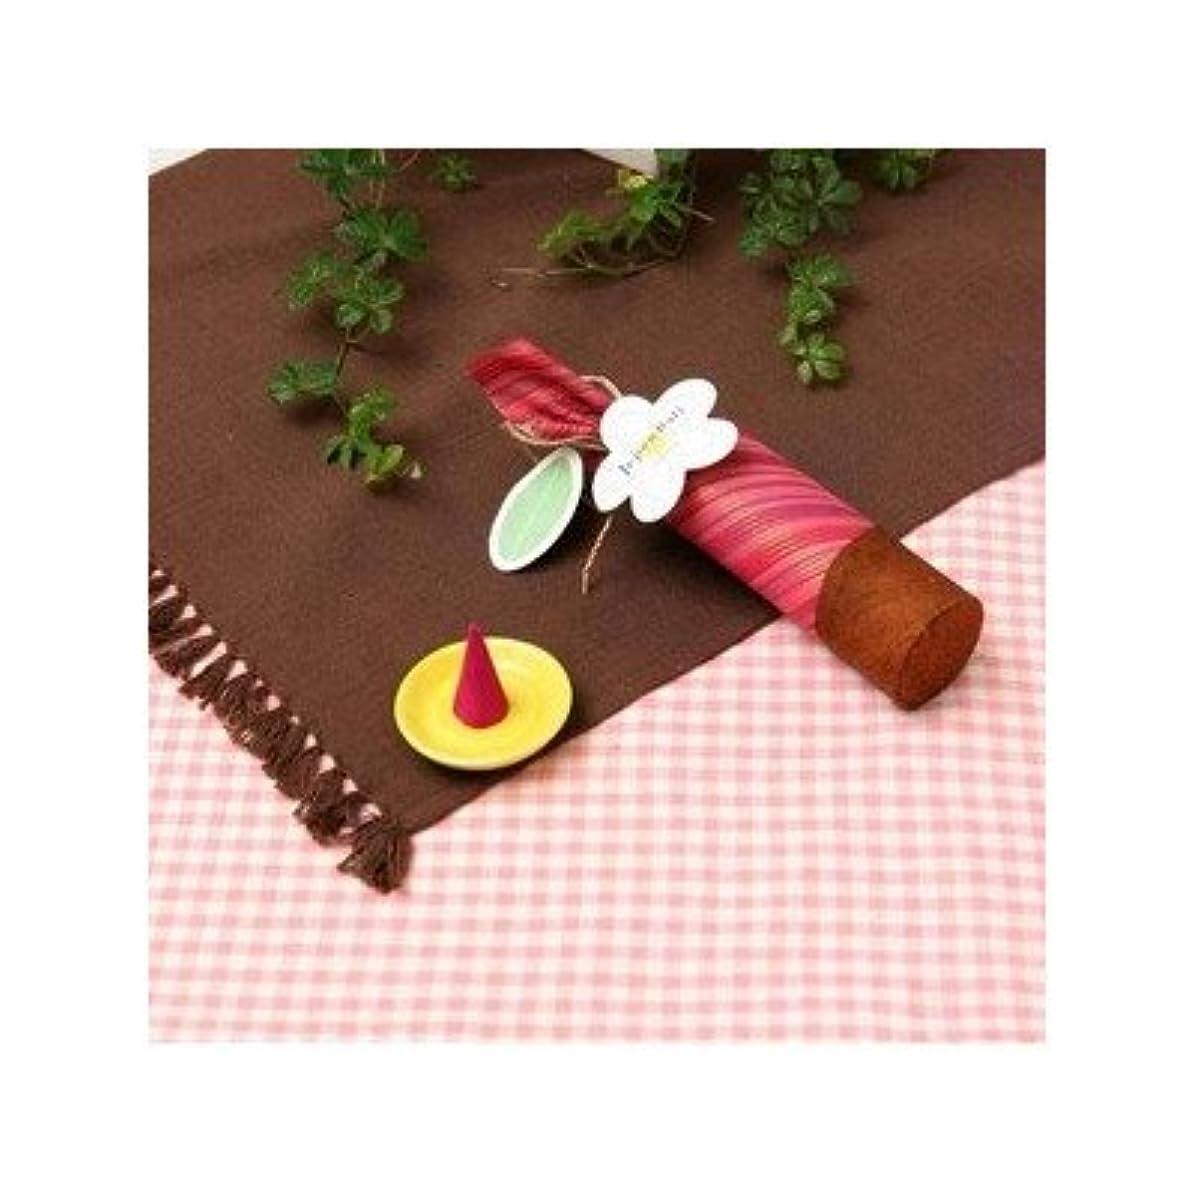 歯栄光排泄物お香/インセンス 〔桜の香り コーンタイプ10個入り〕 バリ島製 「Jupen Bari ジュプンバリ」[通販用梱包品]